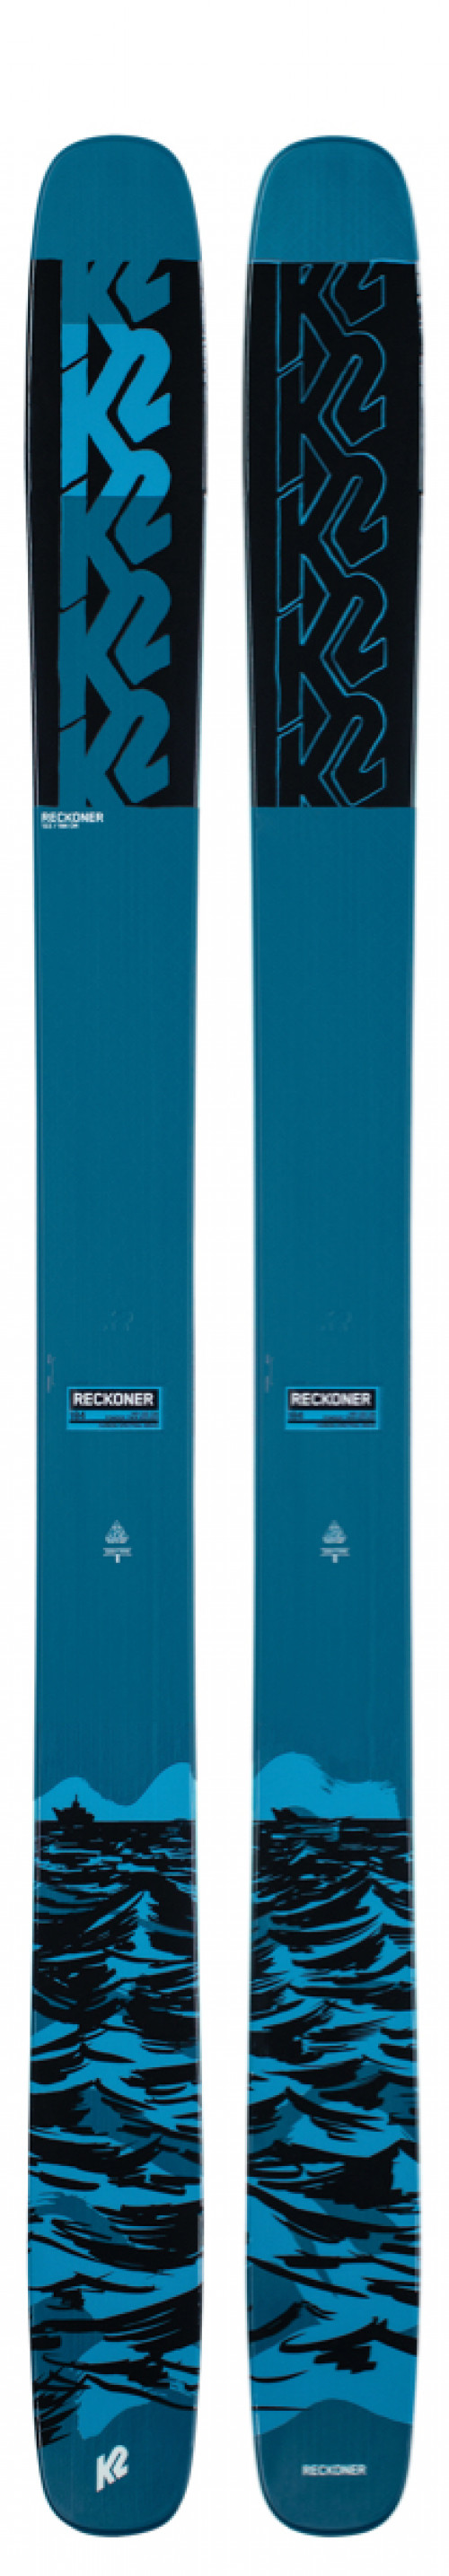 K2 Reckoner 122